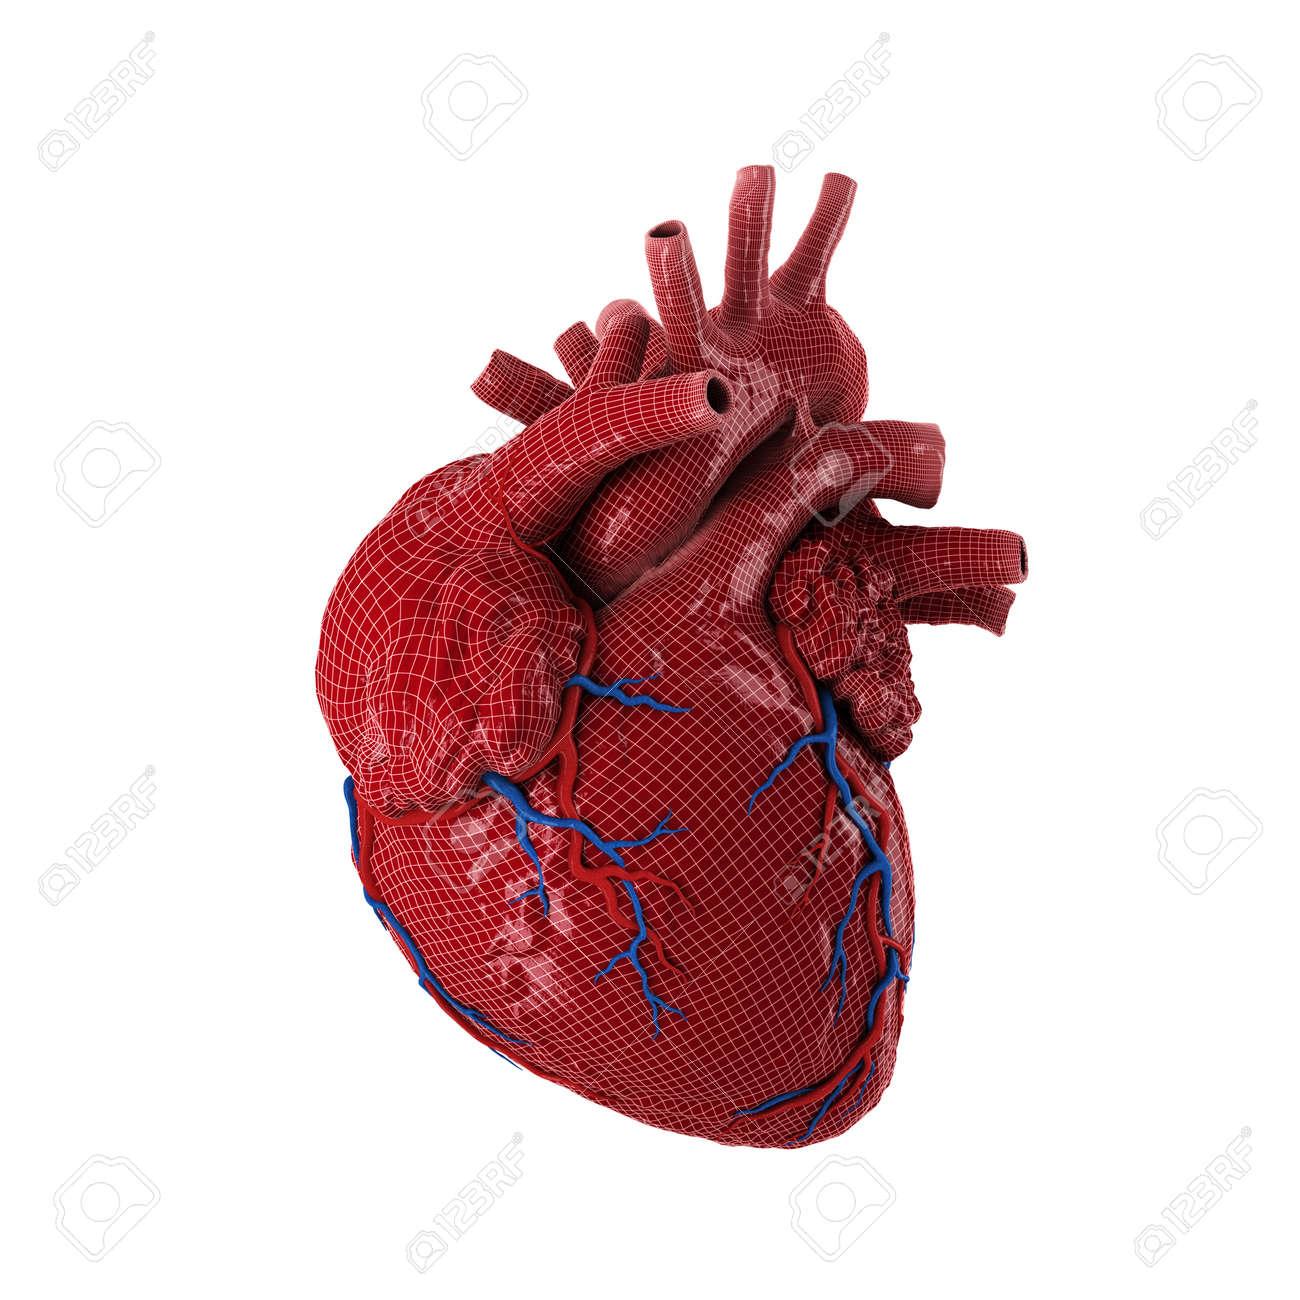 Coeur Humain Photo 3d a rendu le coeur humain isolé sur fond blanc. banque d'images et